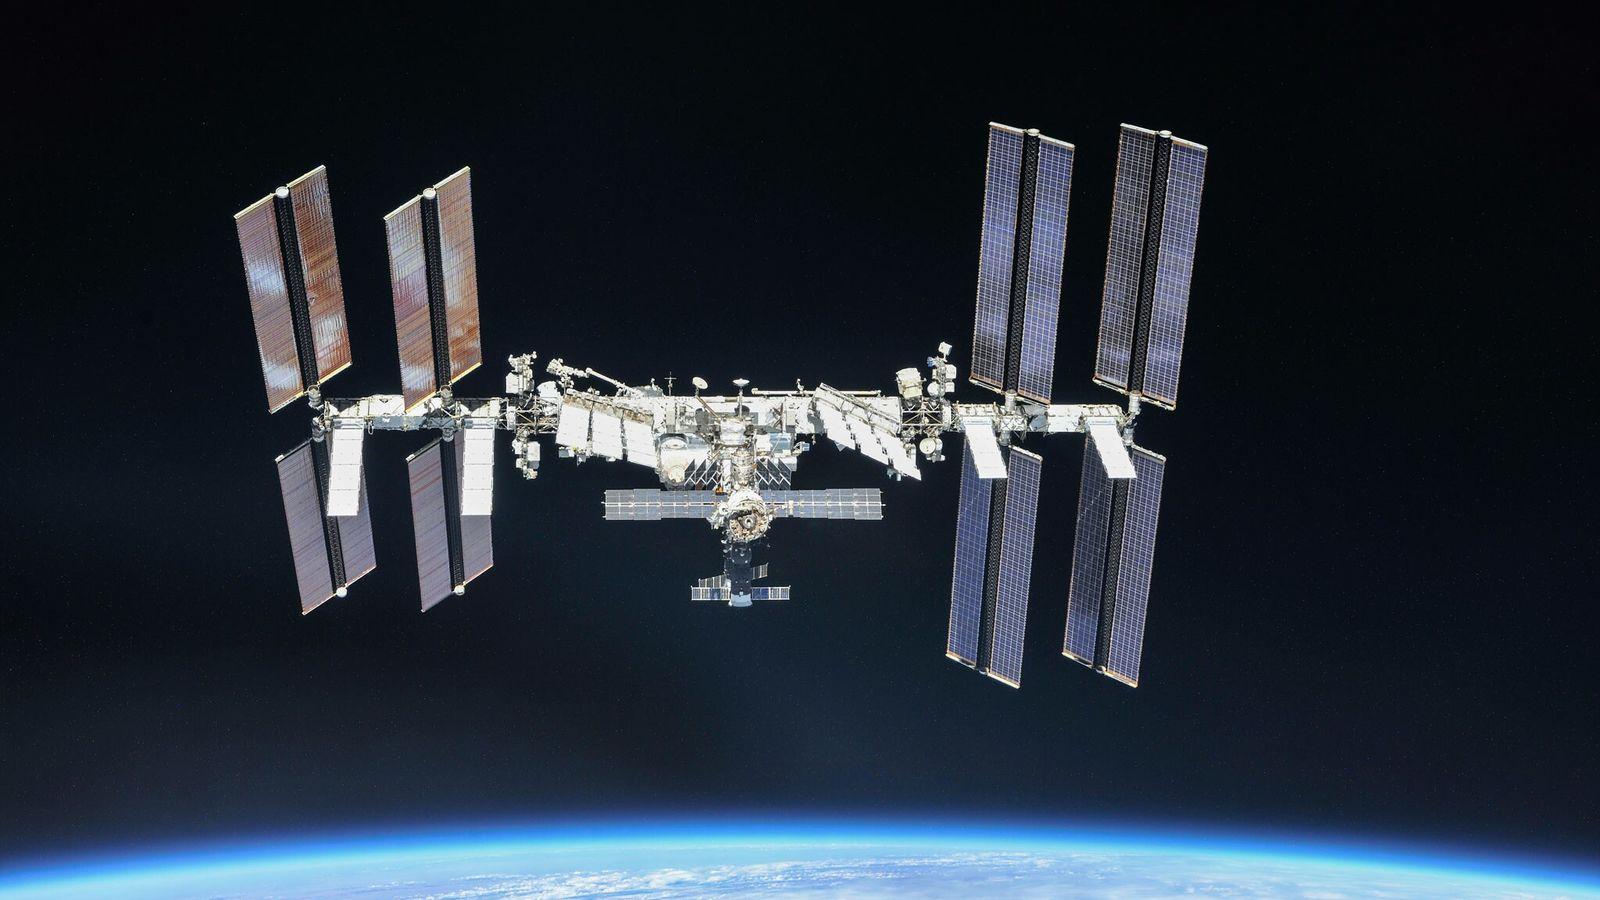 Flotando sobre la Tierra y sobre su fina atmósfera azul, la Estación Espacial Internacional ocupa un ...